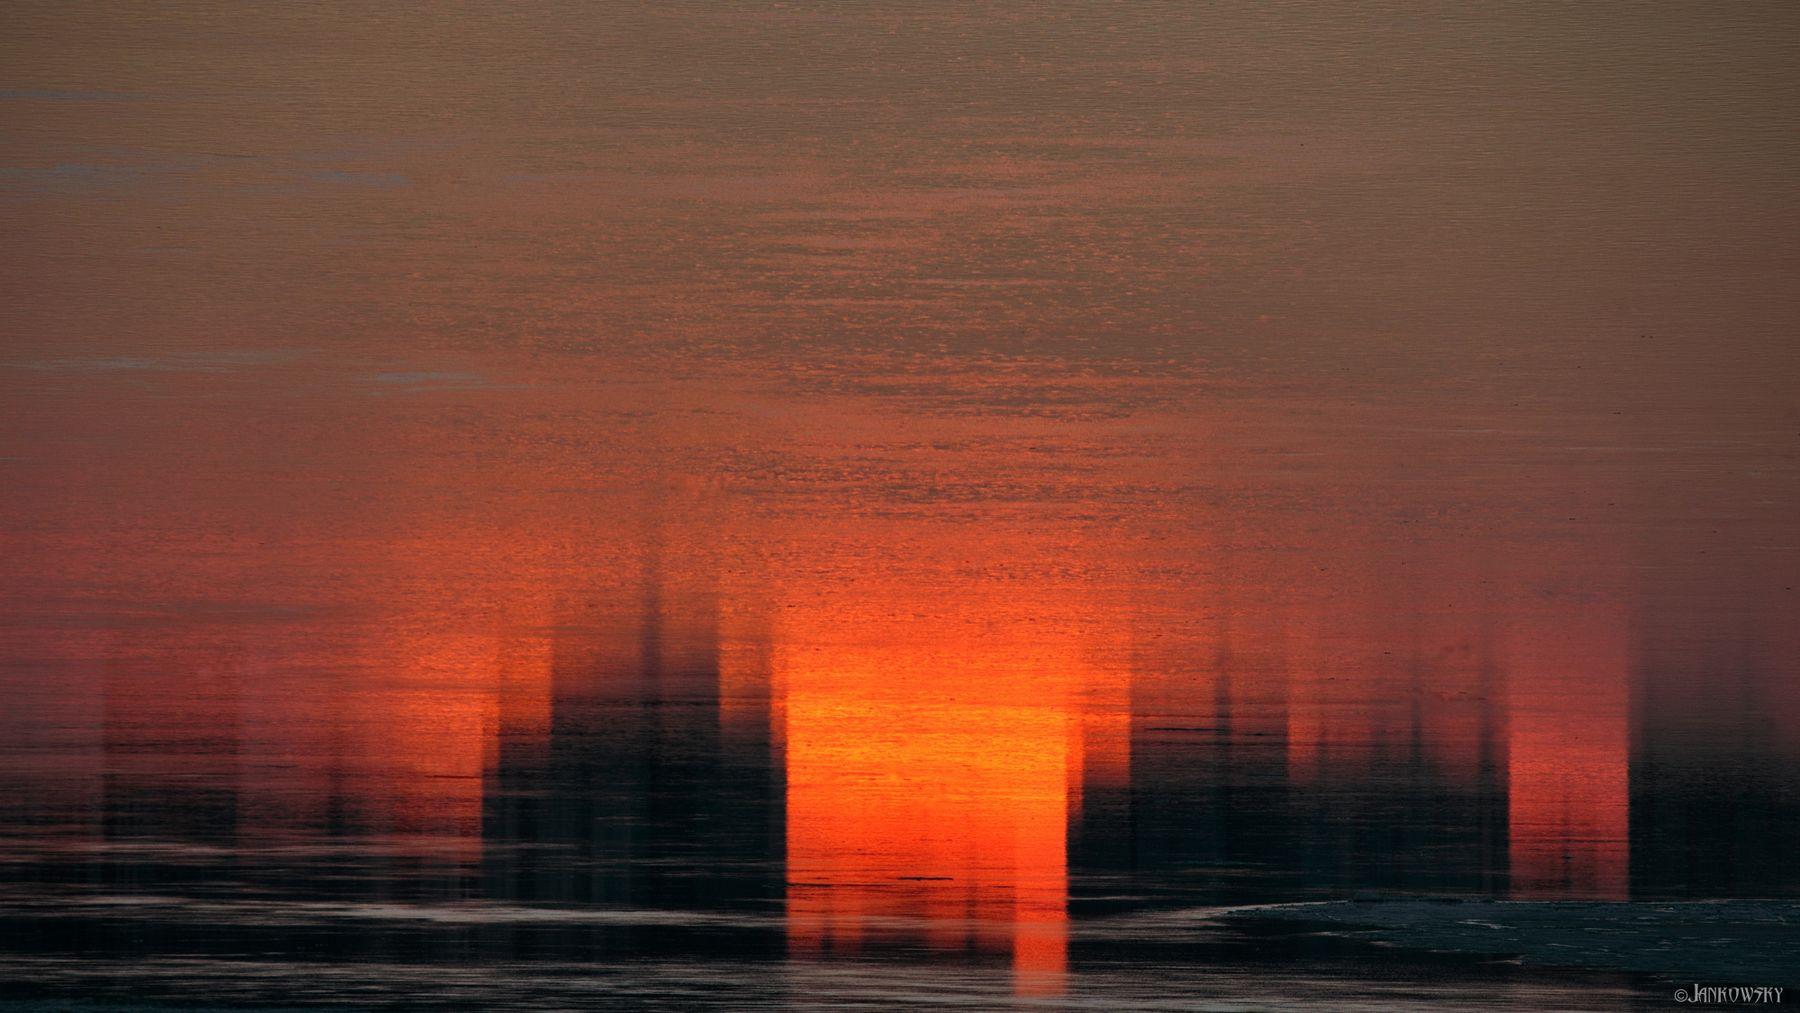 Исчезающие отражения иллюзорного города, исчезающего в иллюзорных отражениях омск отражения иртыш силуэты спальный район оранжевый тени иллюзия